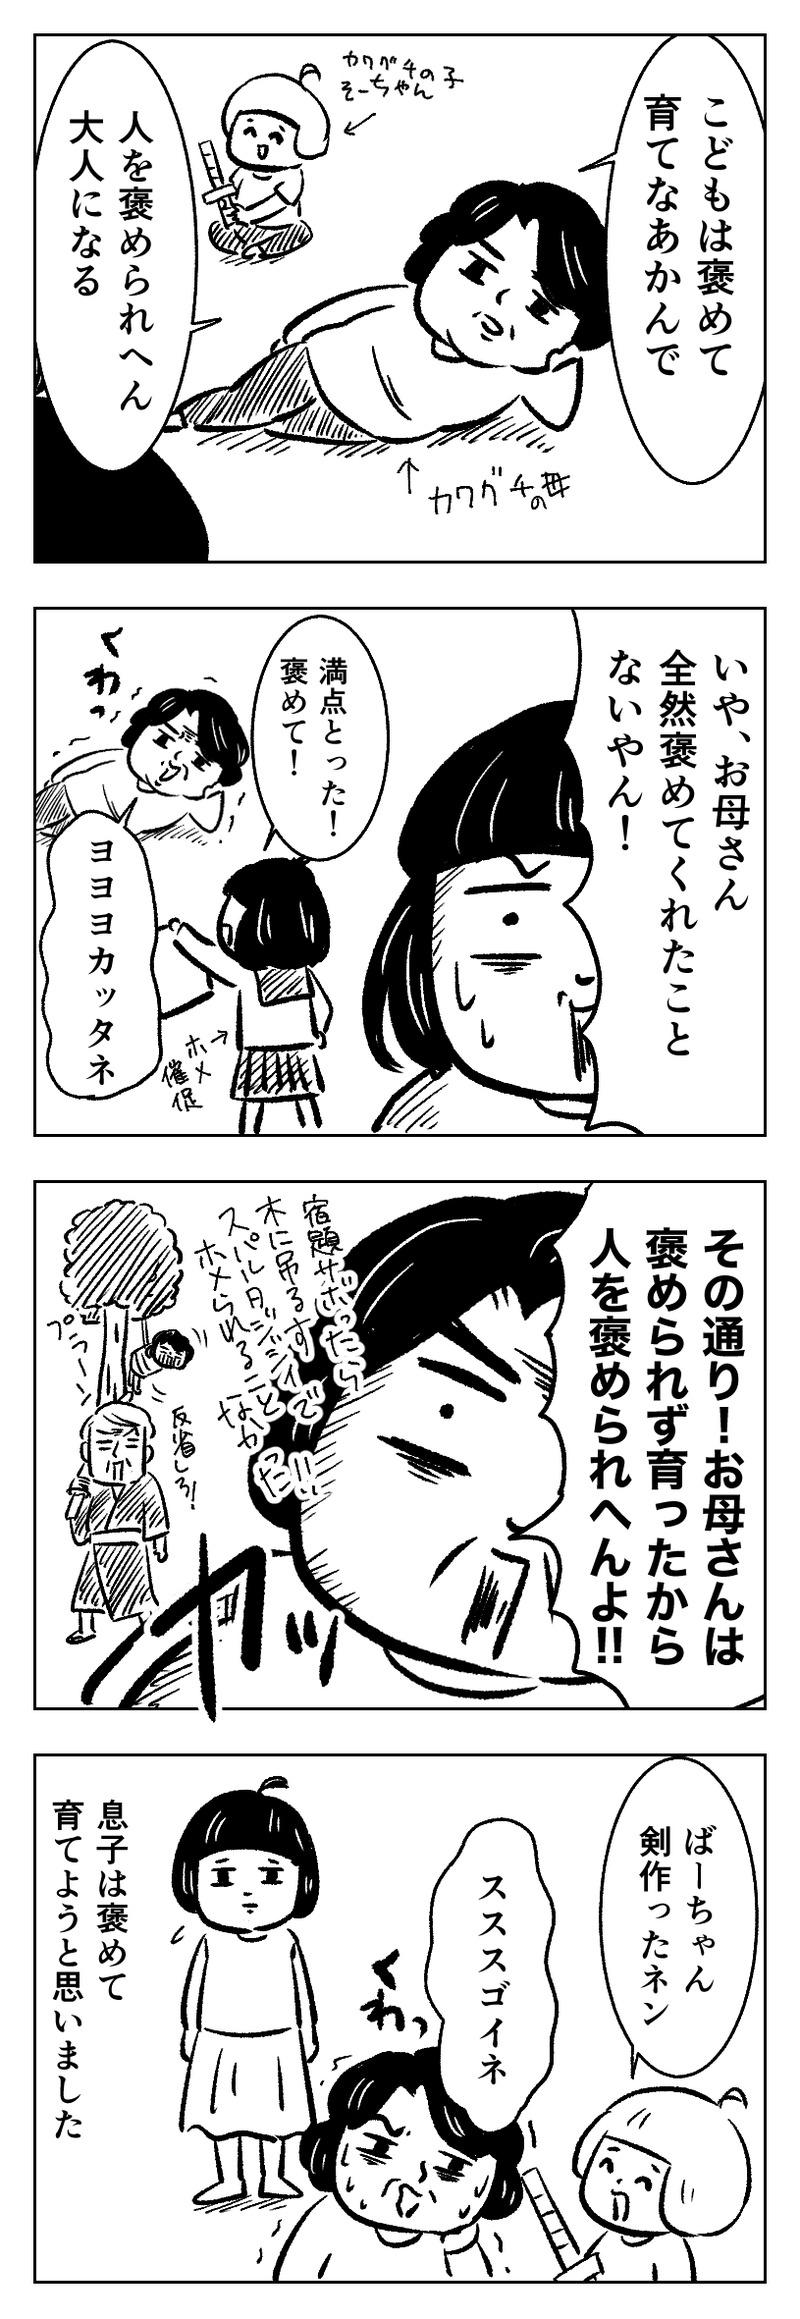 フォーマット絵日記